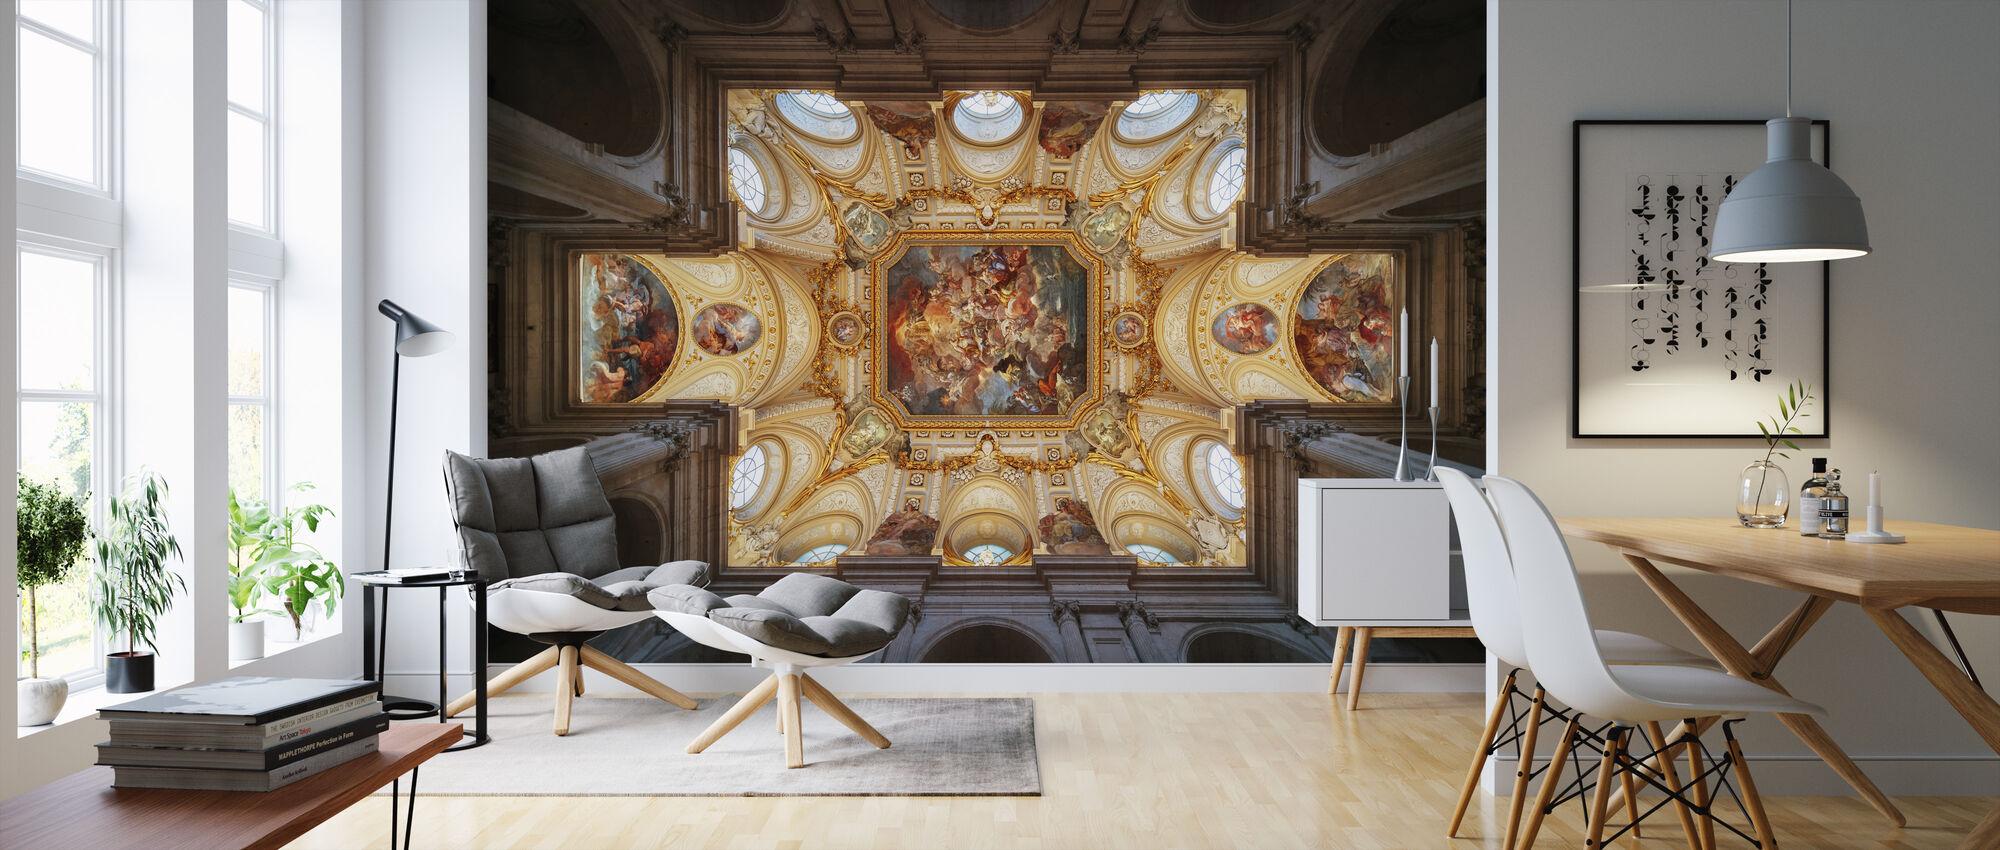 Ceiling Art - Wallpaper - Living Room